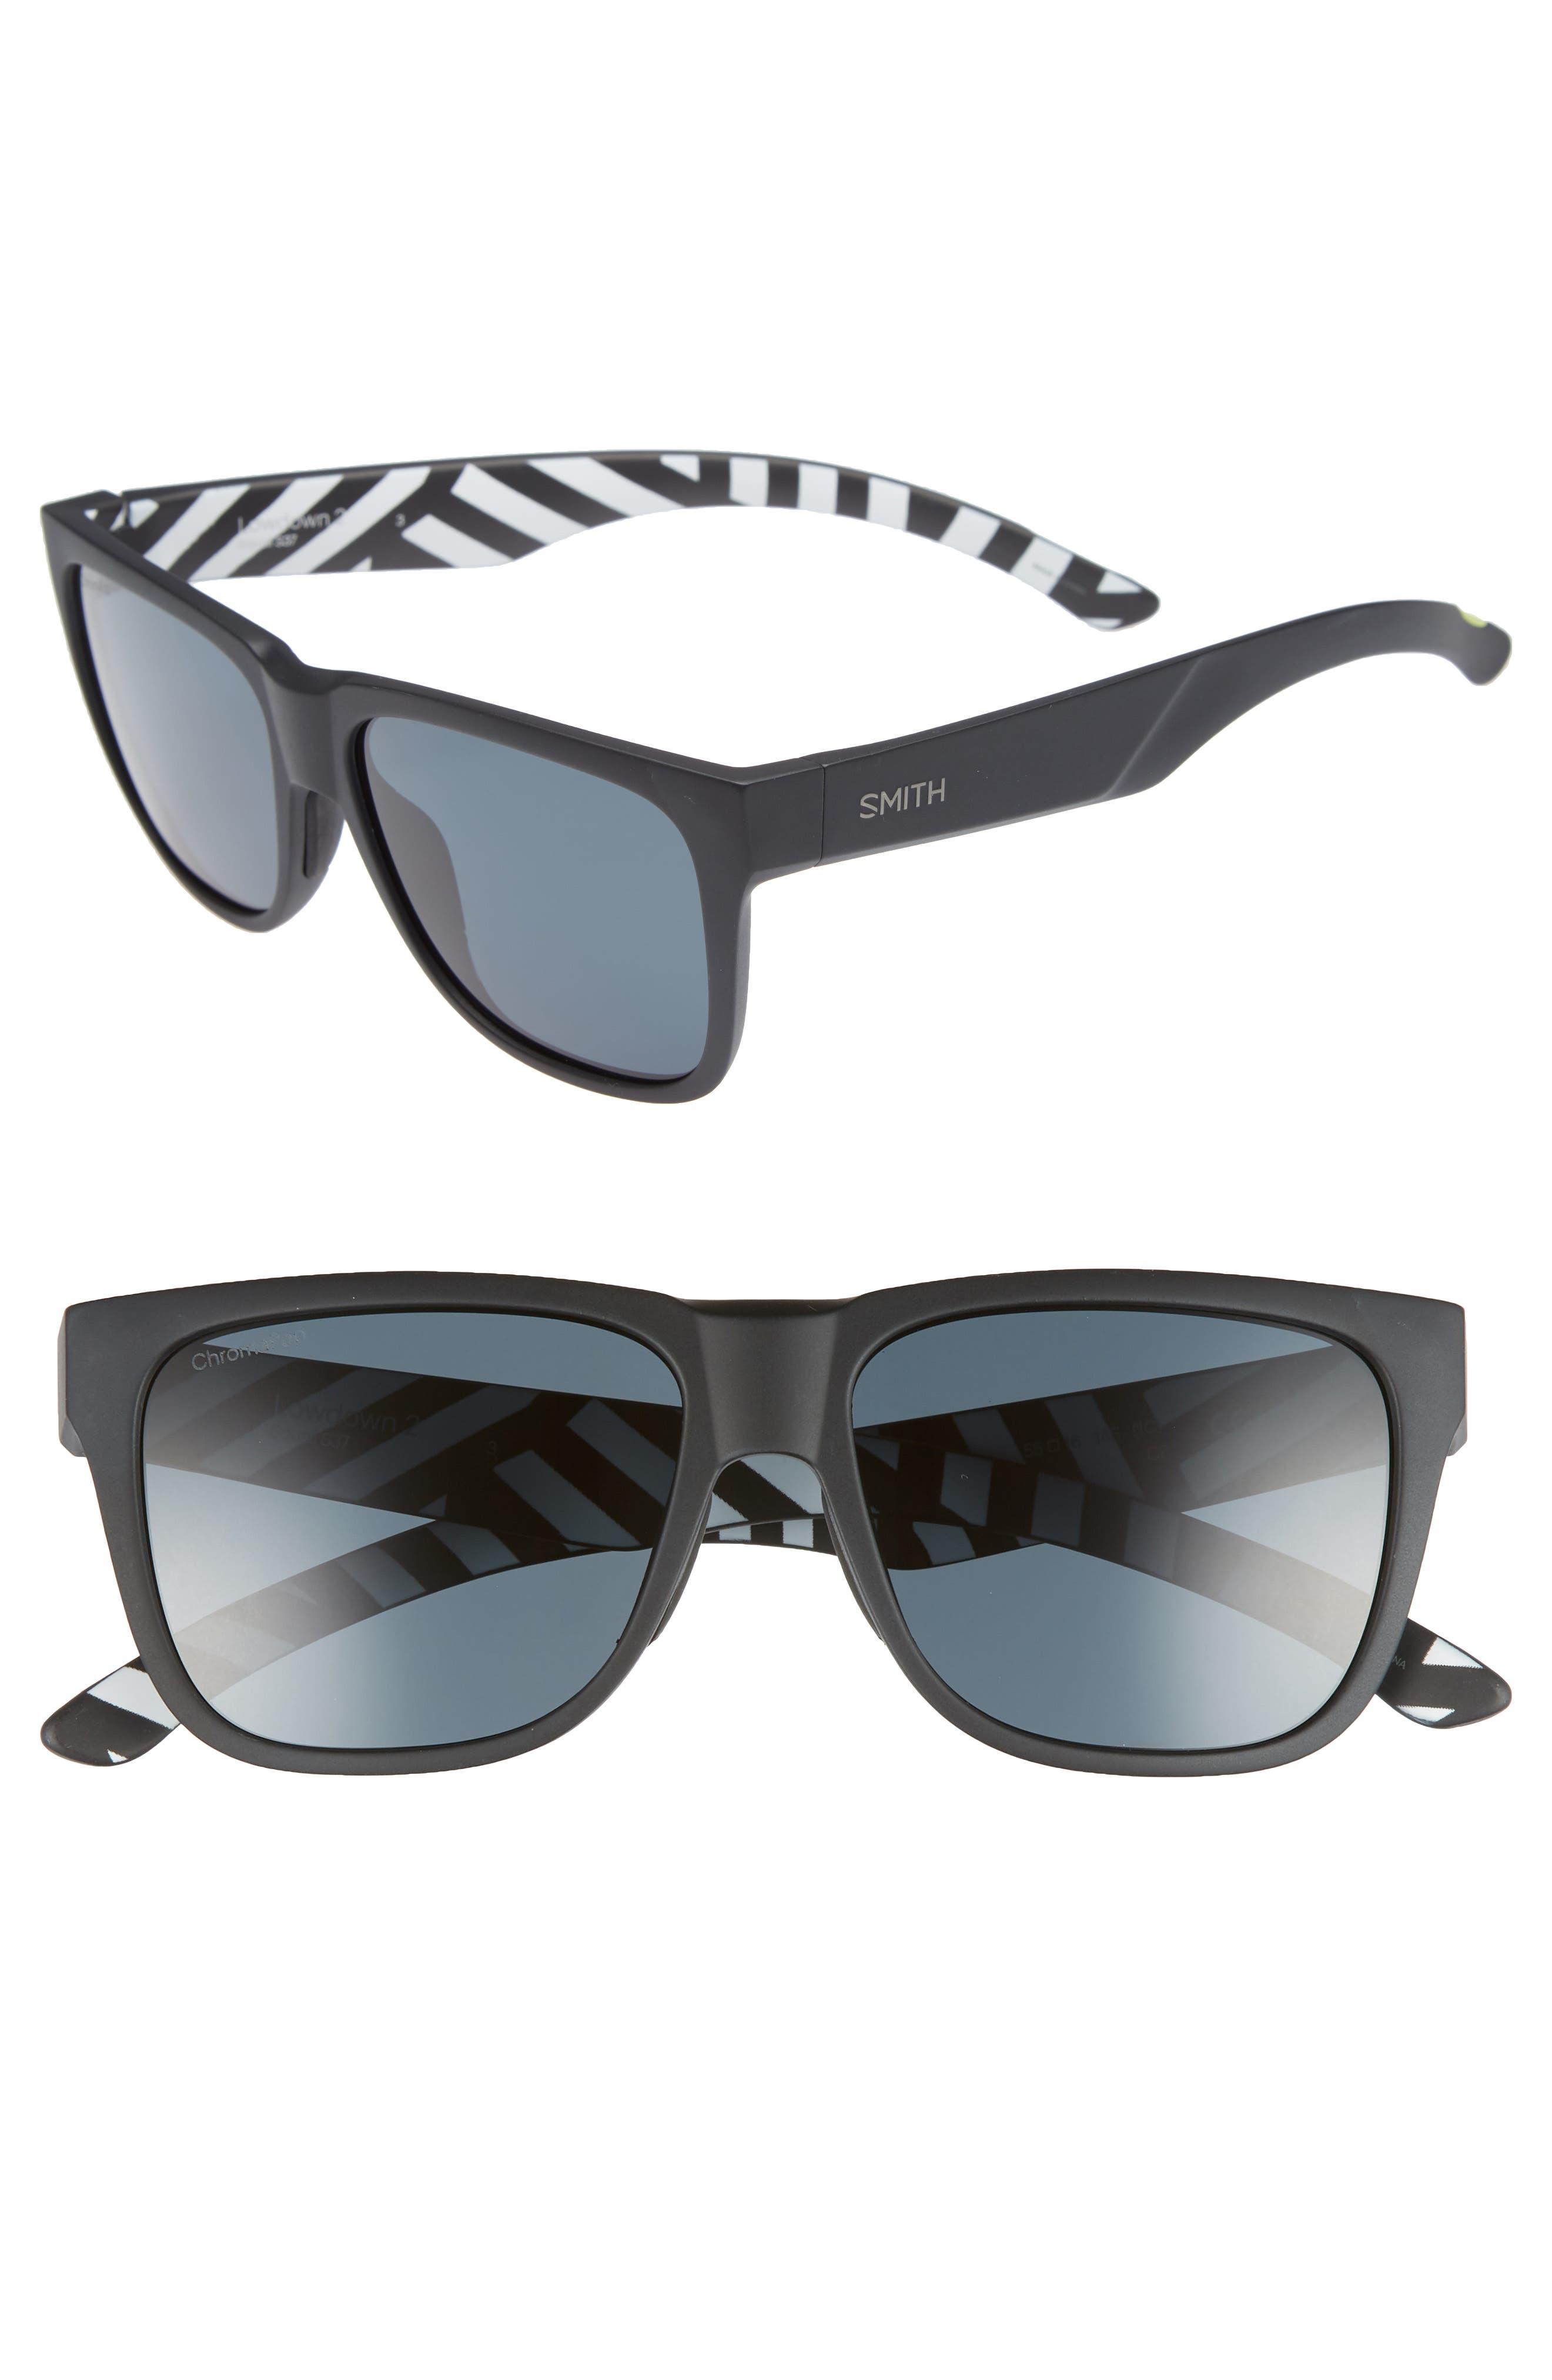 Smith Lowdown 2 55mm ChromaPop™ Sunglasses